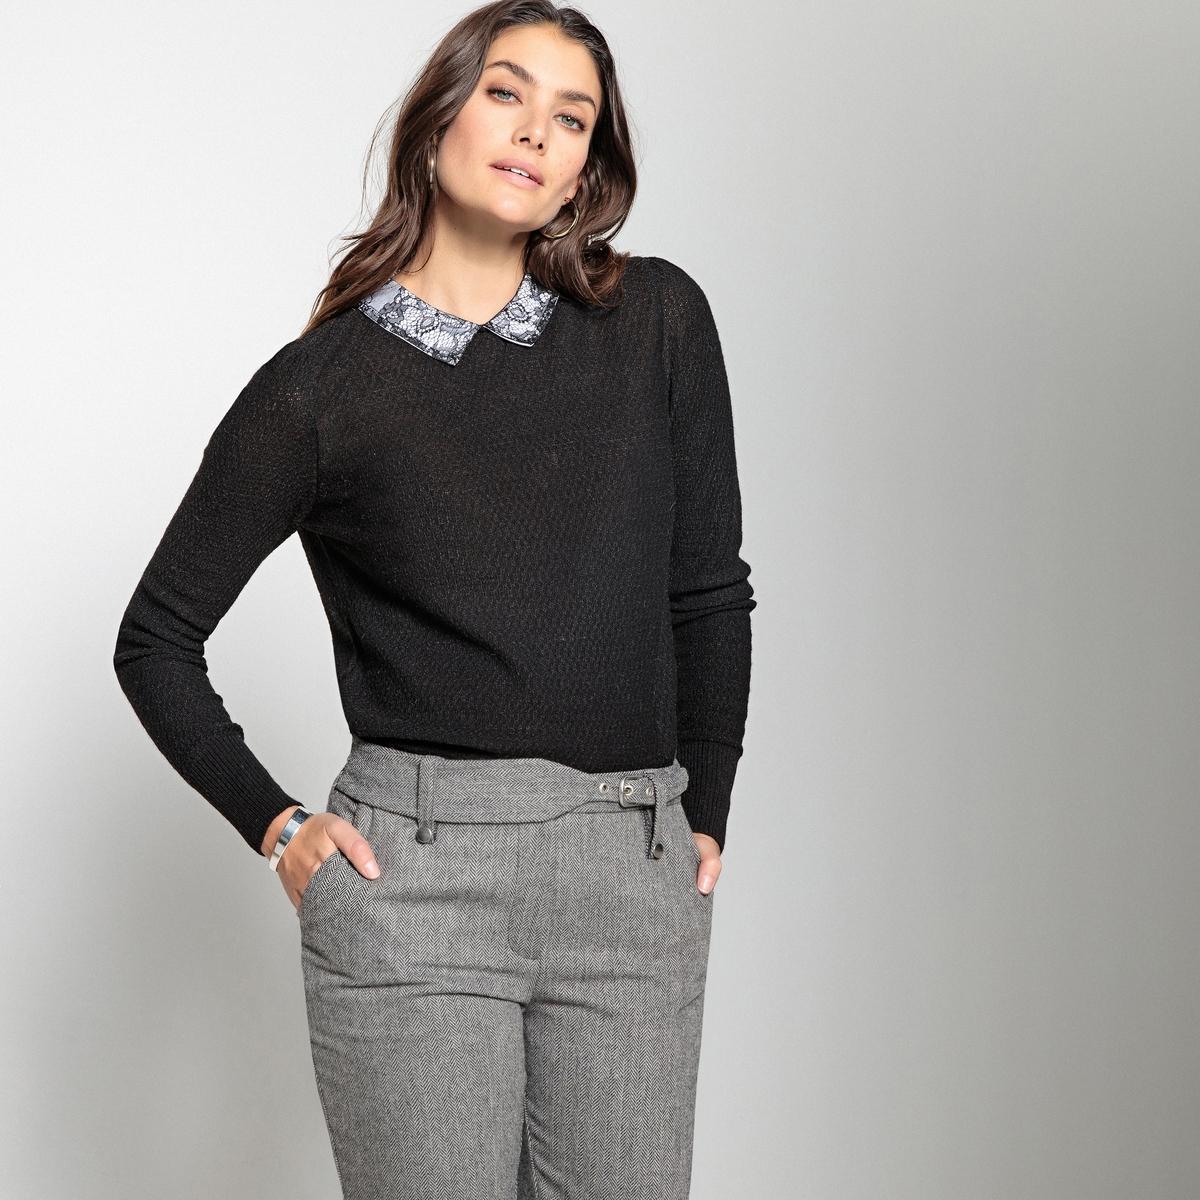 Пуловер из тонкого трикотажа с закругленным отложным воротником из кружева